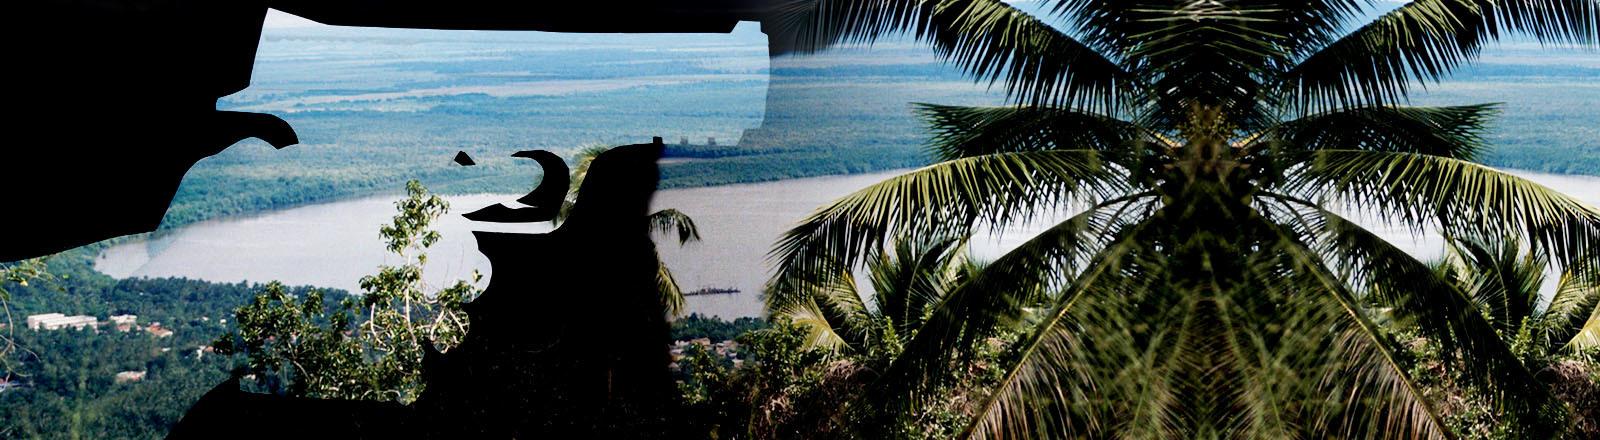 Collage aus Umriss Hand mit Waffe und Landschaft Dominikanische Republik